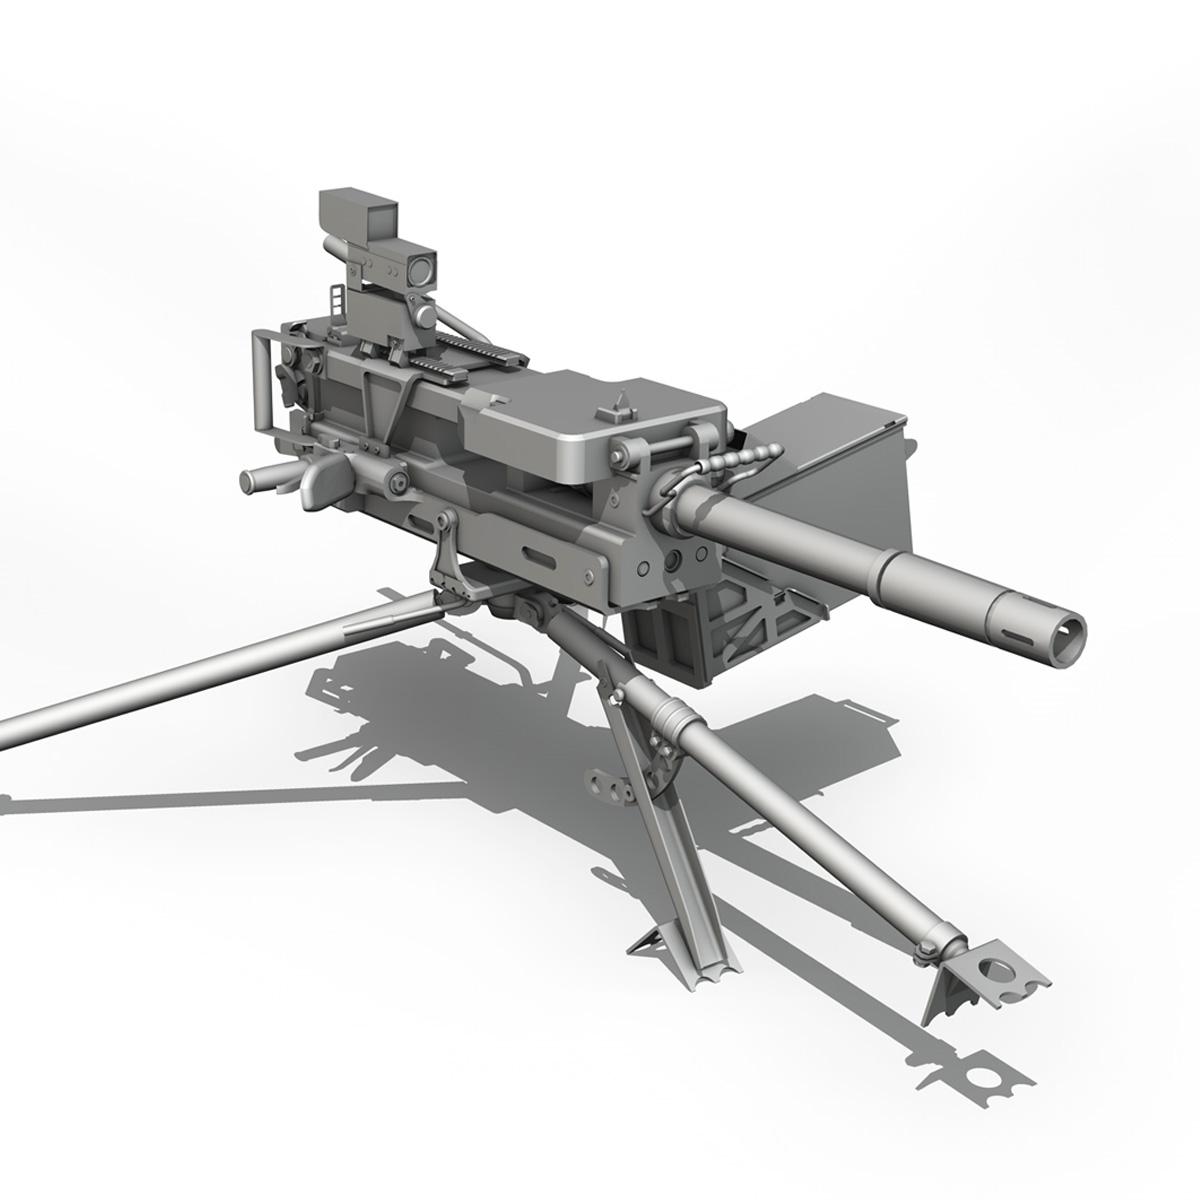 40mm Гранат машин буу gmg 3d загвар c4d lwo 3dm obj 264302